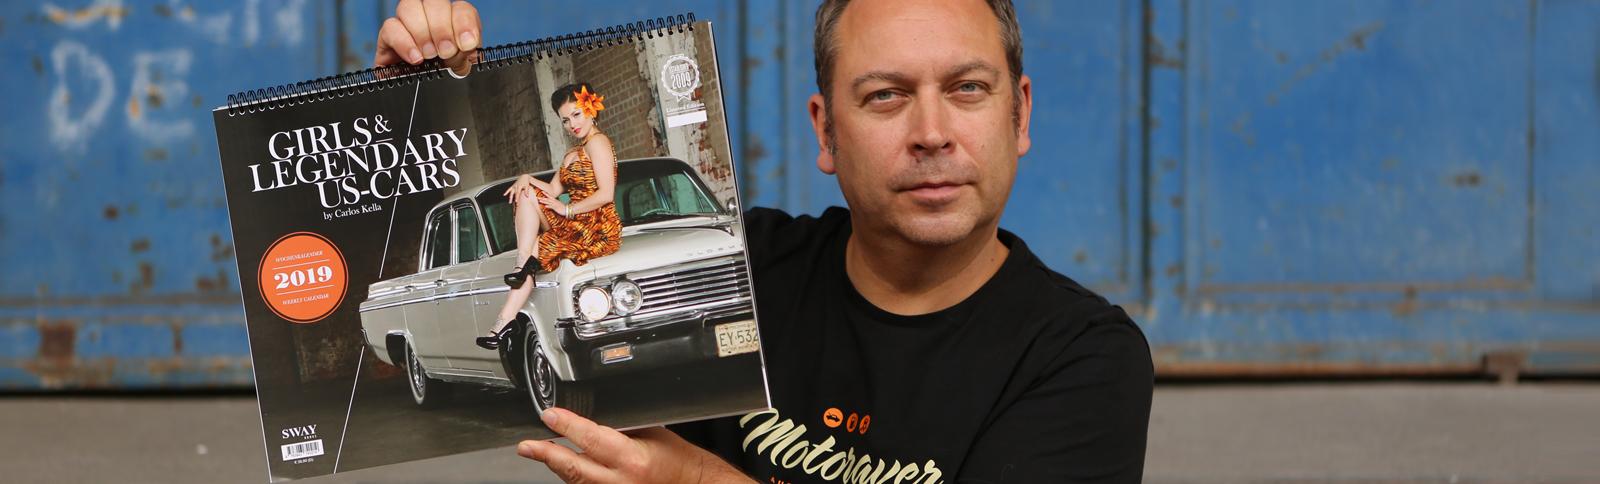 Design, Produktionsabwicklung, Kalender, Girls & legendary US-Cars, Carlos Kella, Kähler & Kähler